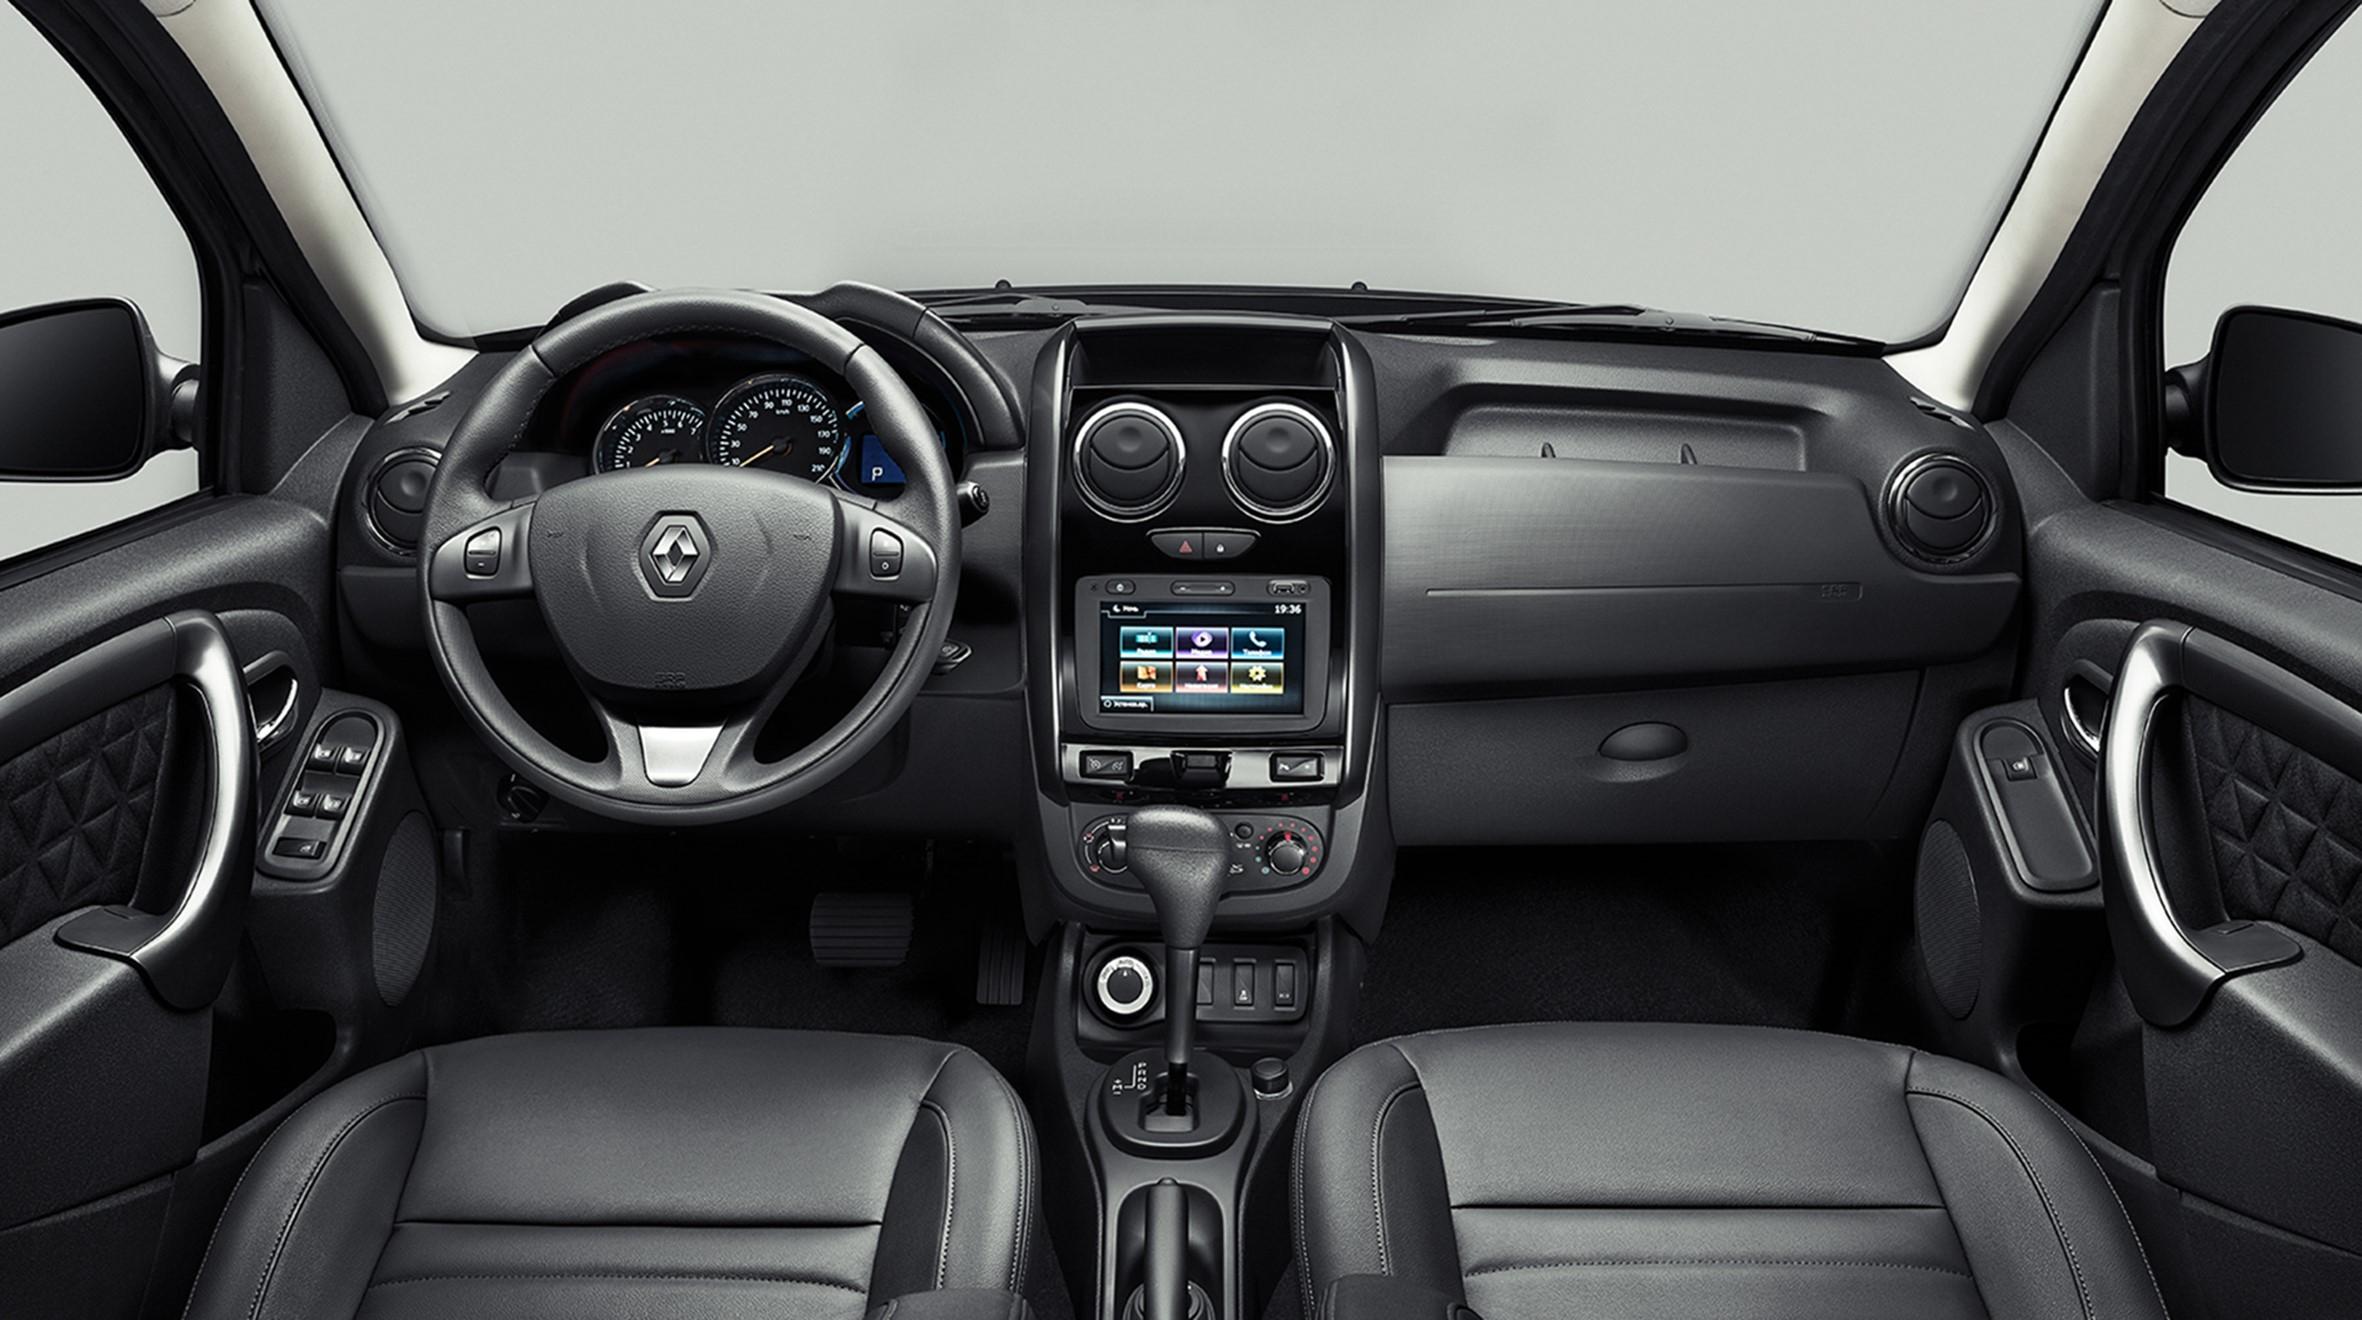 Renault_69073_ru_ru.jpg